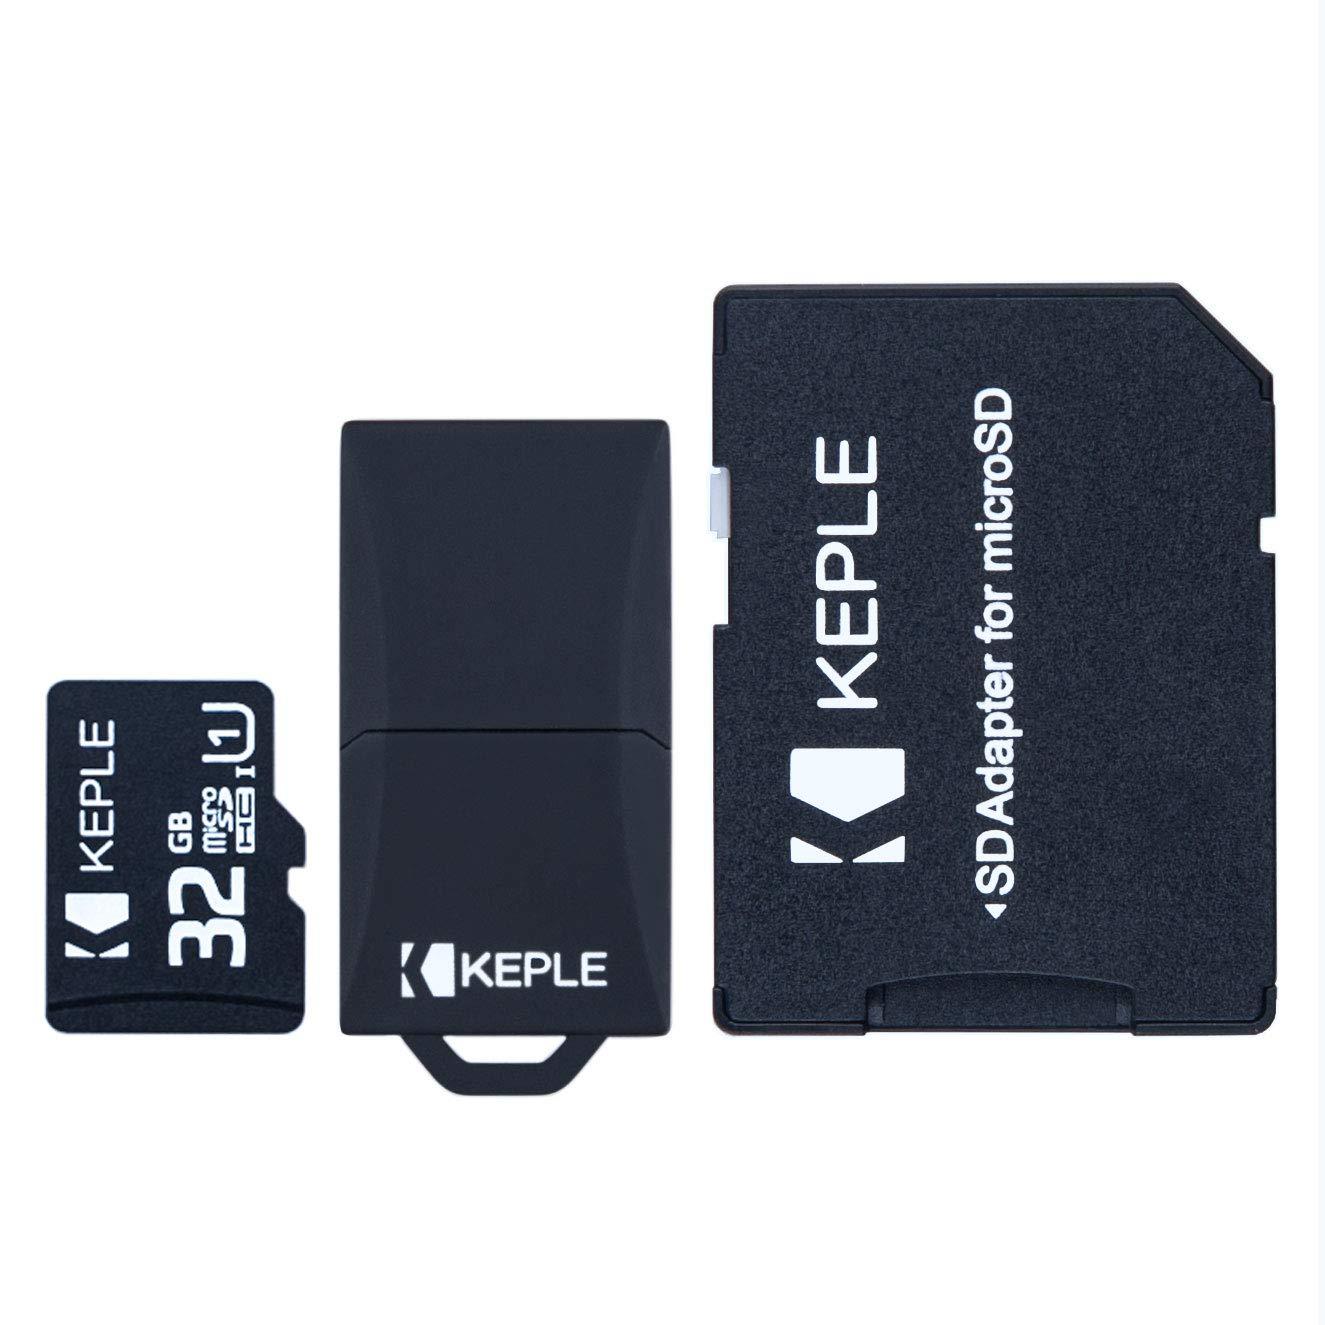 Tarjeta de Memoria Micro SD da 32GB MicroSD Compatible con Samsung Galaxy s9+ S9 S8 S7 S6 S5 S4 S3, J9 J8 J7 J6 J5 J3 J2 J1, A9 A8 A7 A6 A6+A5 A4 A3, ...